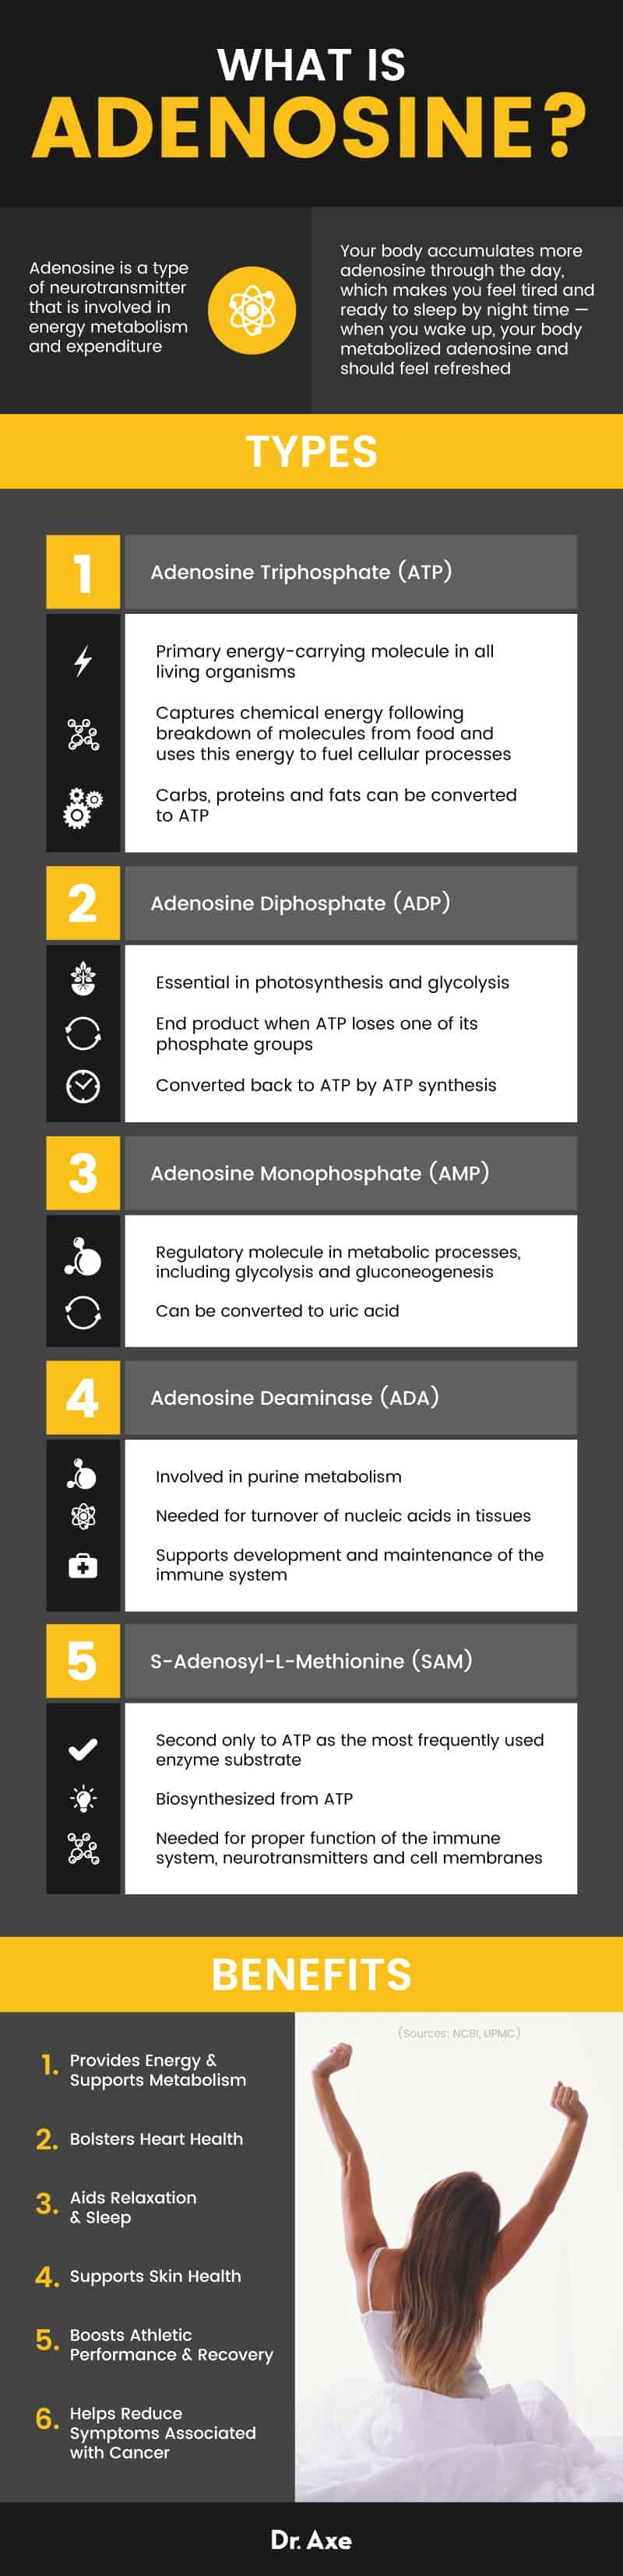 Adenosine - Dr. Axe